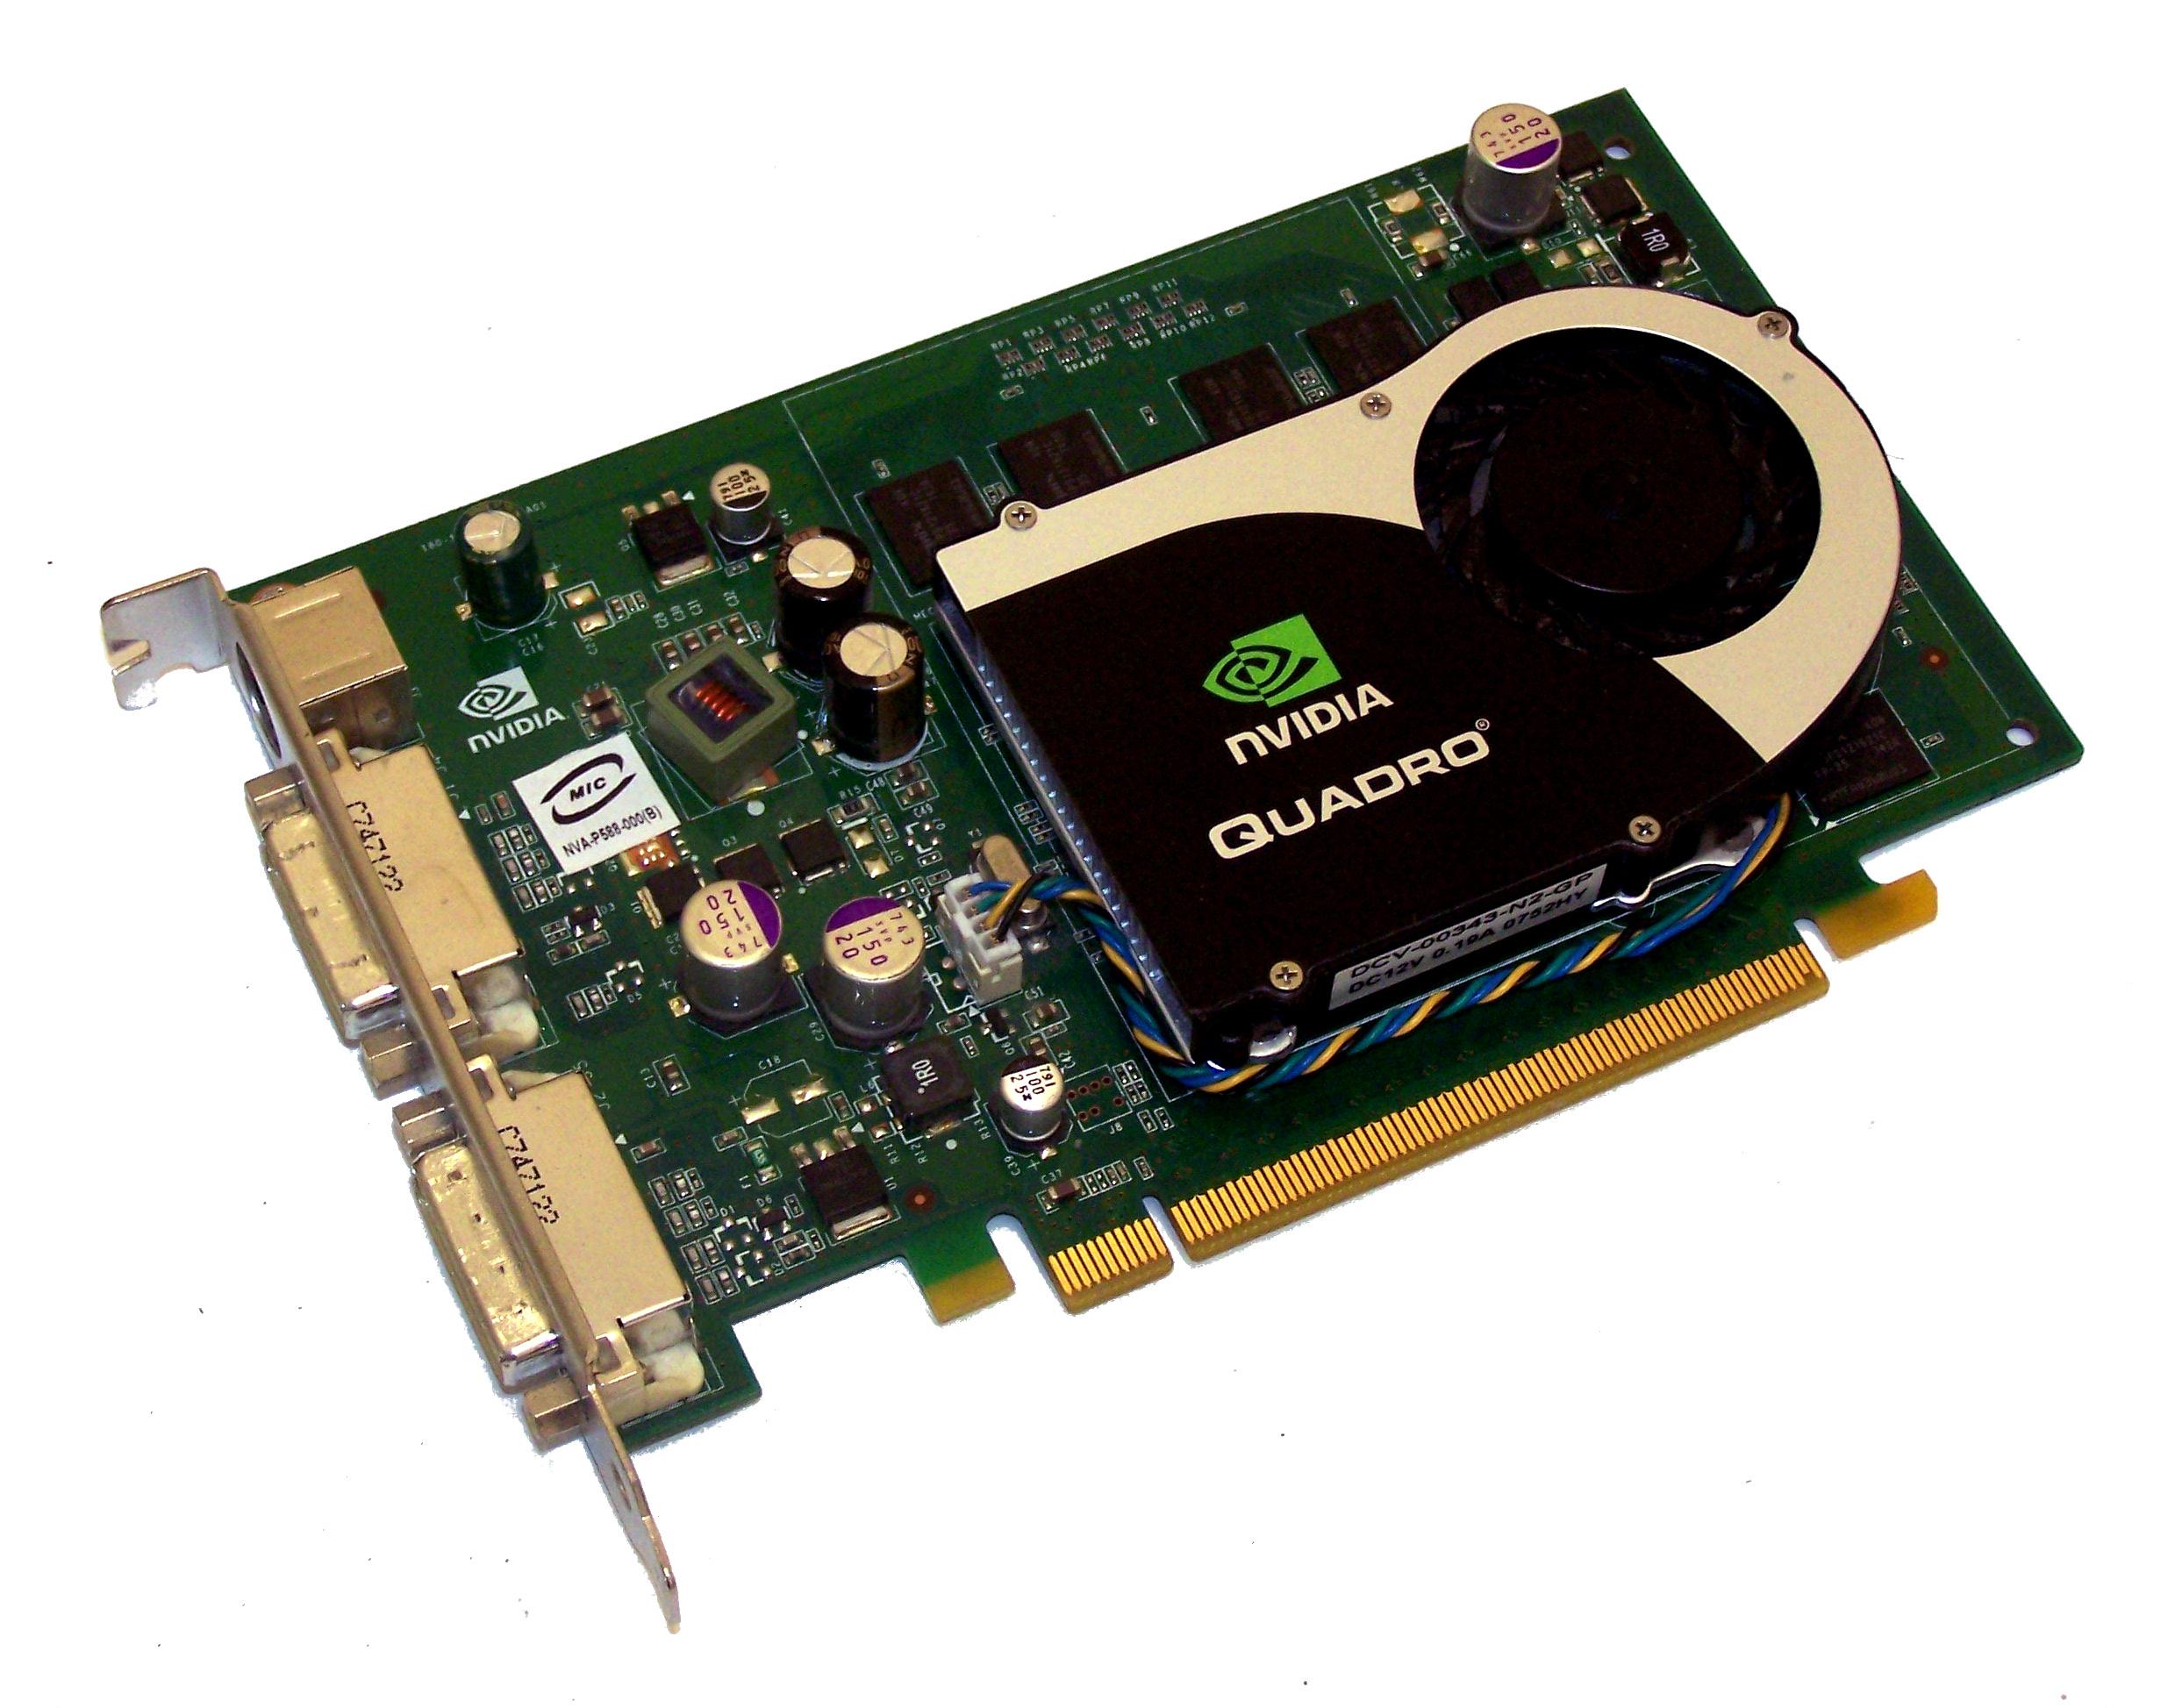 Dell Precision T3400 NVIDIA Quadro FX3700 Graphics Drivers for Mac Download